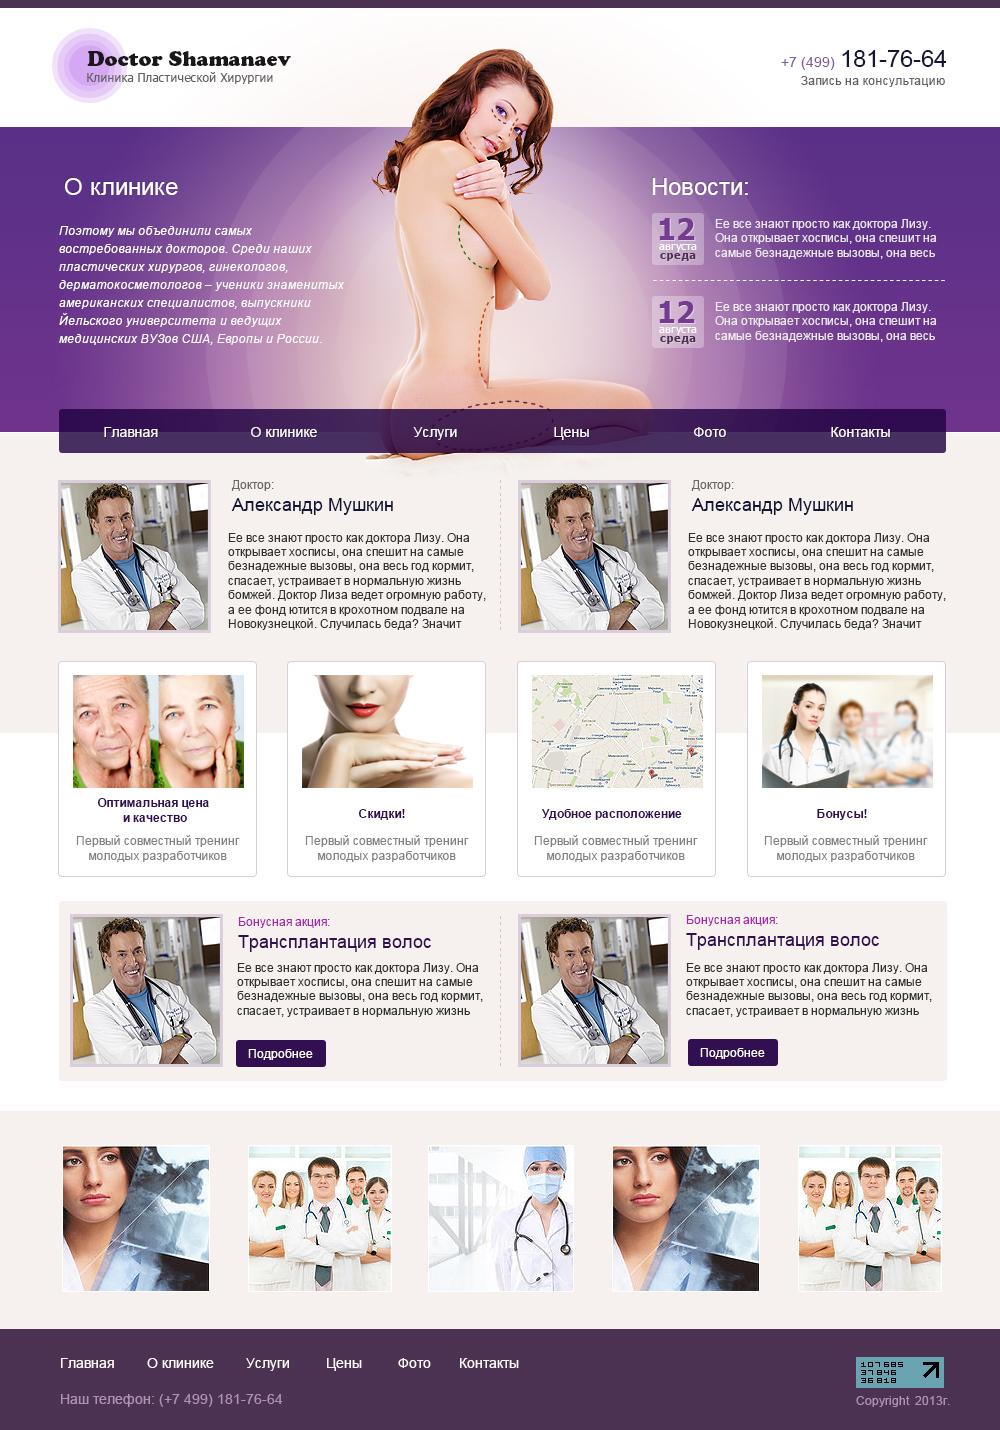 Дизайн сайта клиники пластической хирургии.